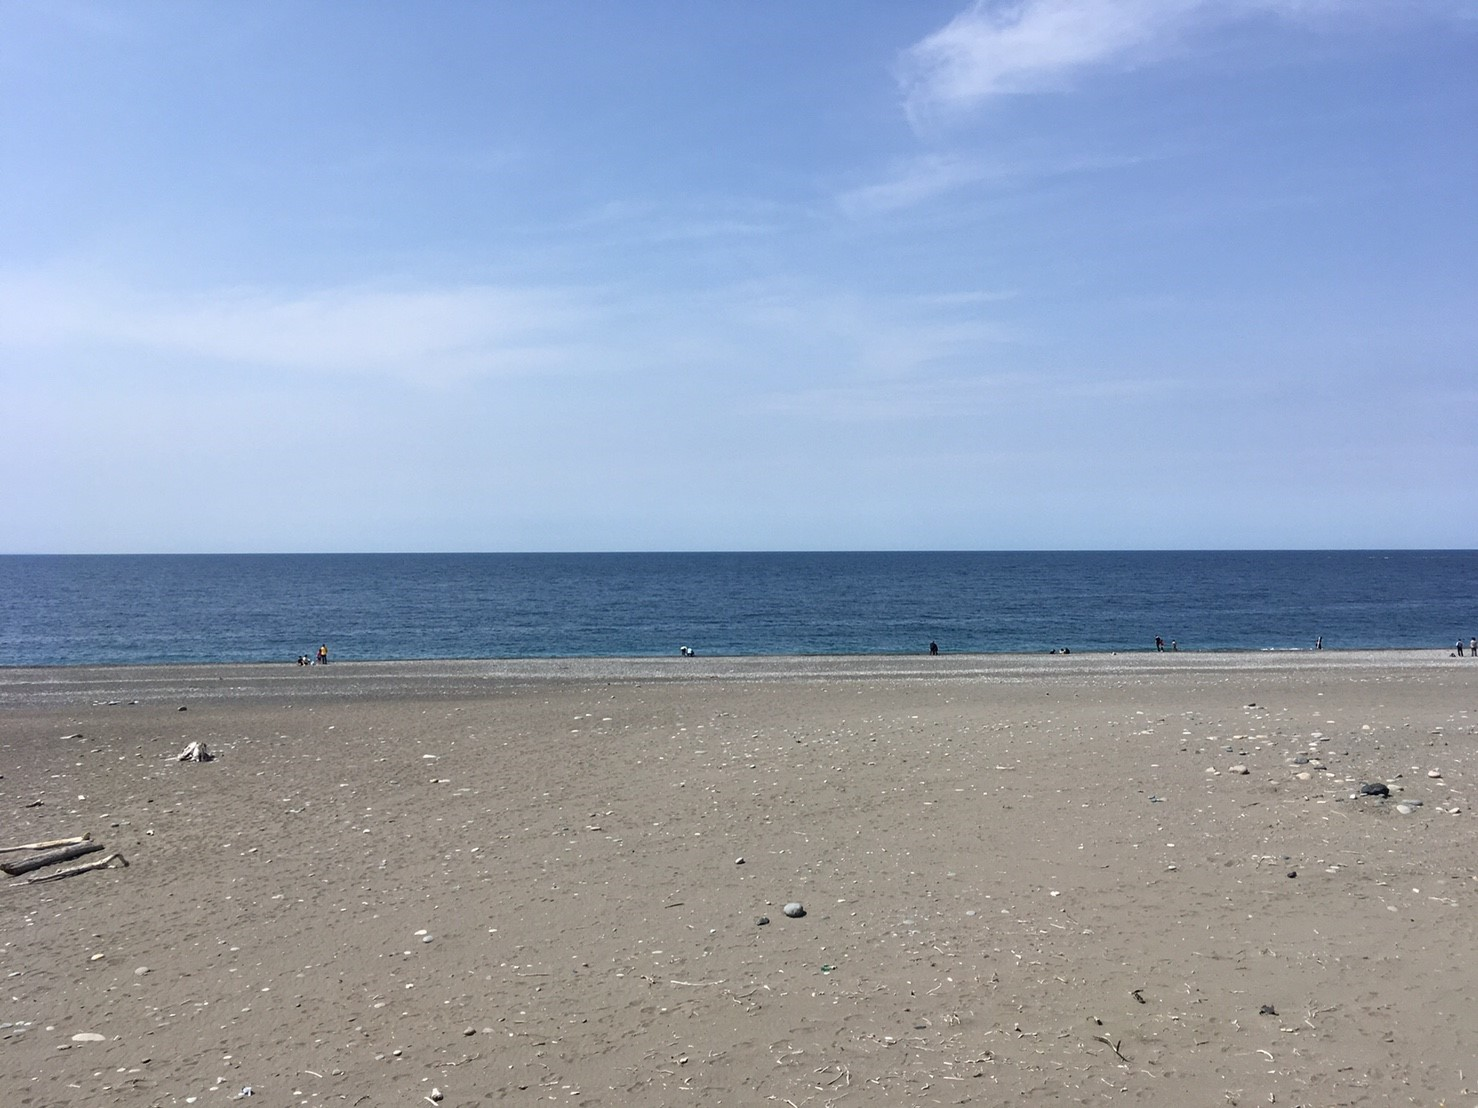 【石川】砂浜を爆走!なぎさドライブウェイ・近代的な金沢駅